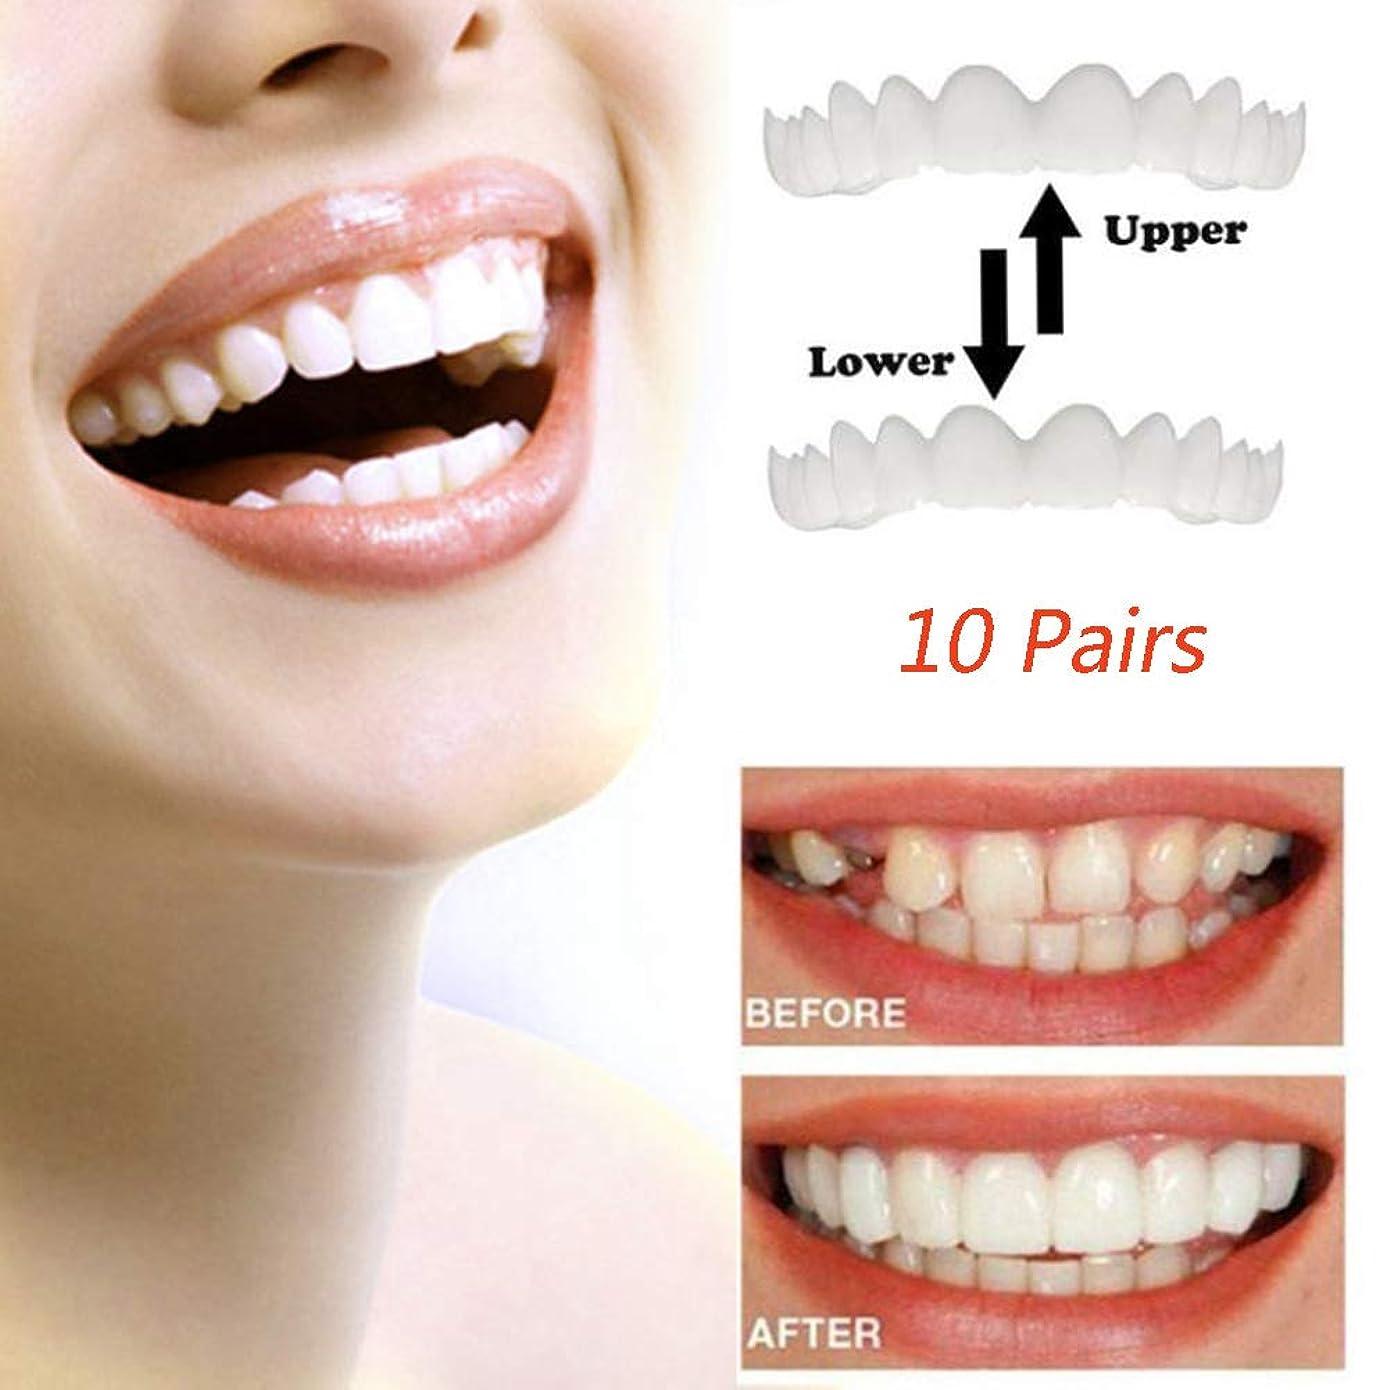 連想シネウィ米ドルプロの笑顔仮歯キット10ペア上下の歯の化粧品のベニヤ自信を持って笑顔の快適さフレックスパーフェクトベニヤワンサイズフィット